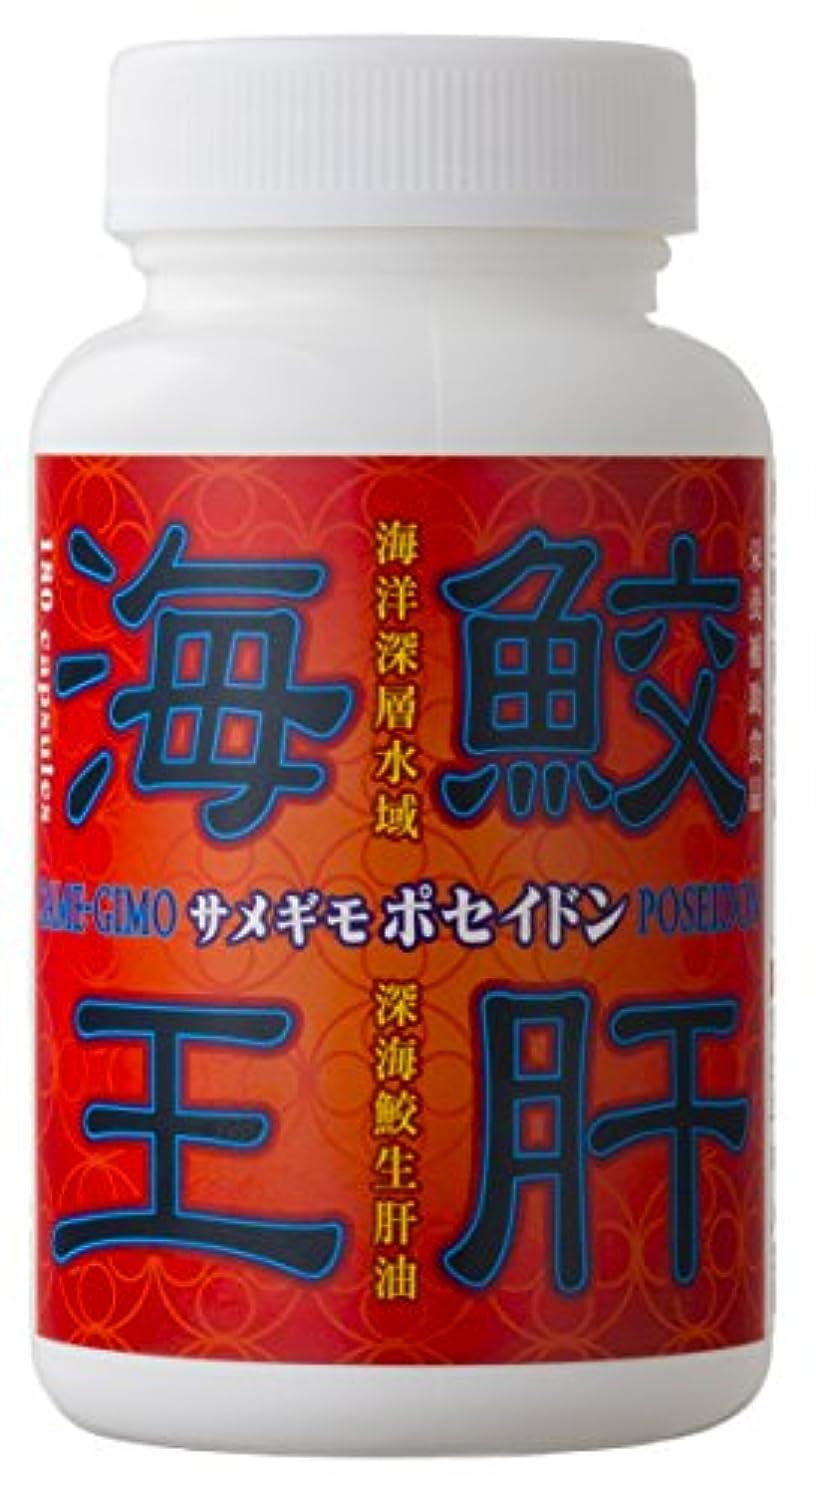 切り離すマークされた衰えるエバーライフ 鮫生肝油 「鮫肝海王 (サメギモポセイドン)」 180粒